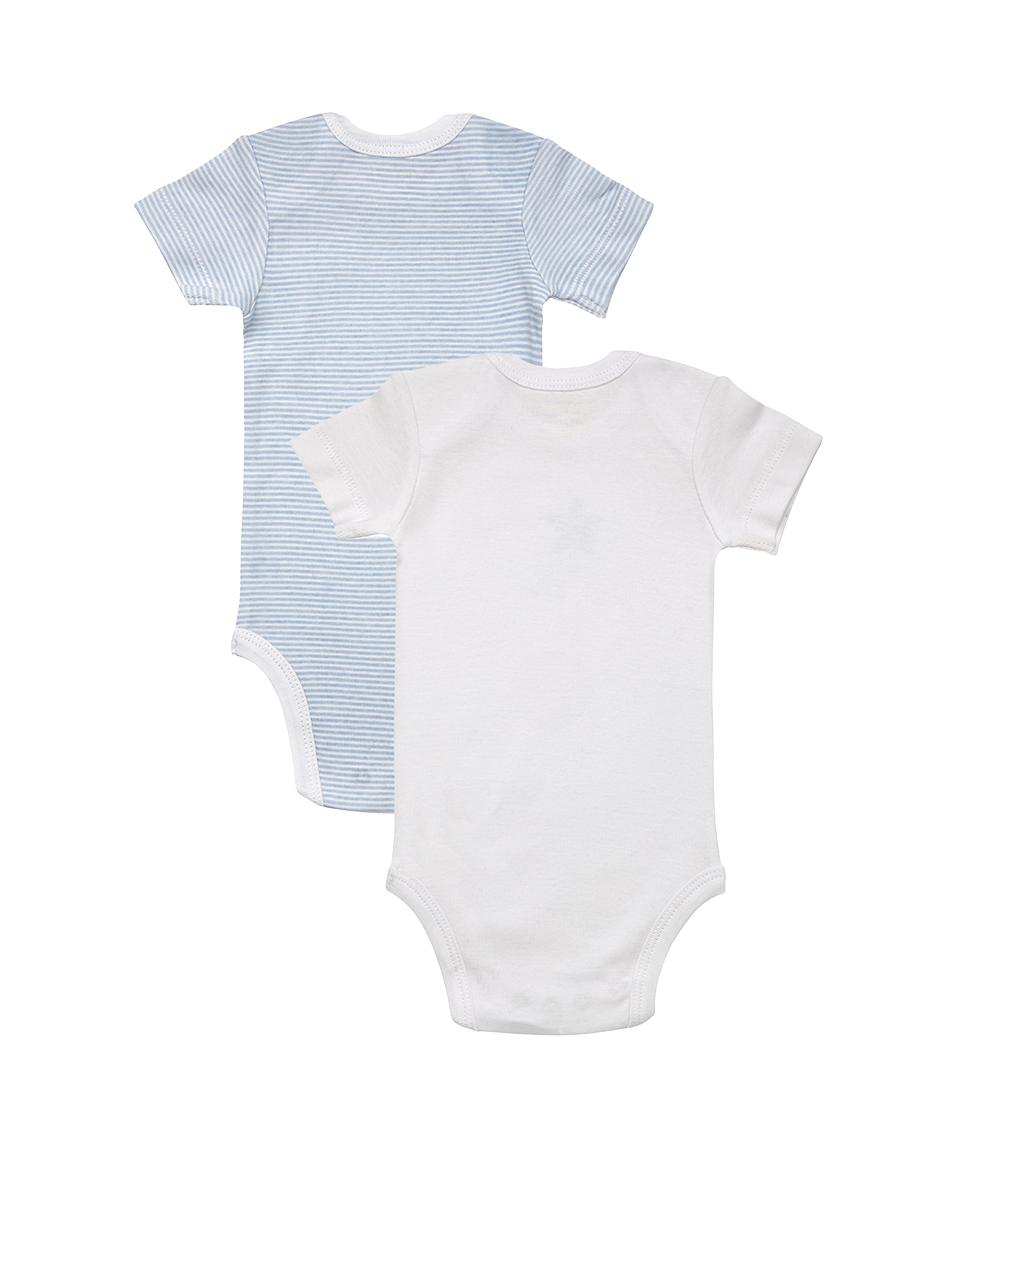 Pacote de 2 bodysuits com estampa de estrela - Prénatal